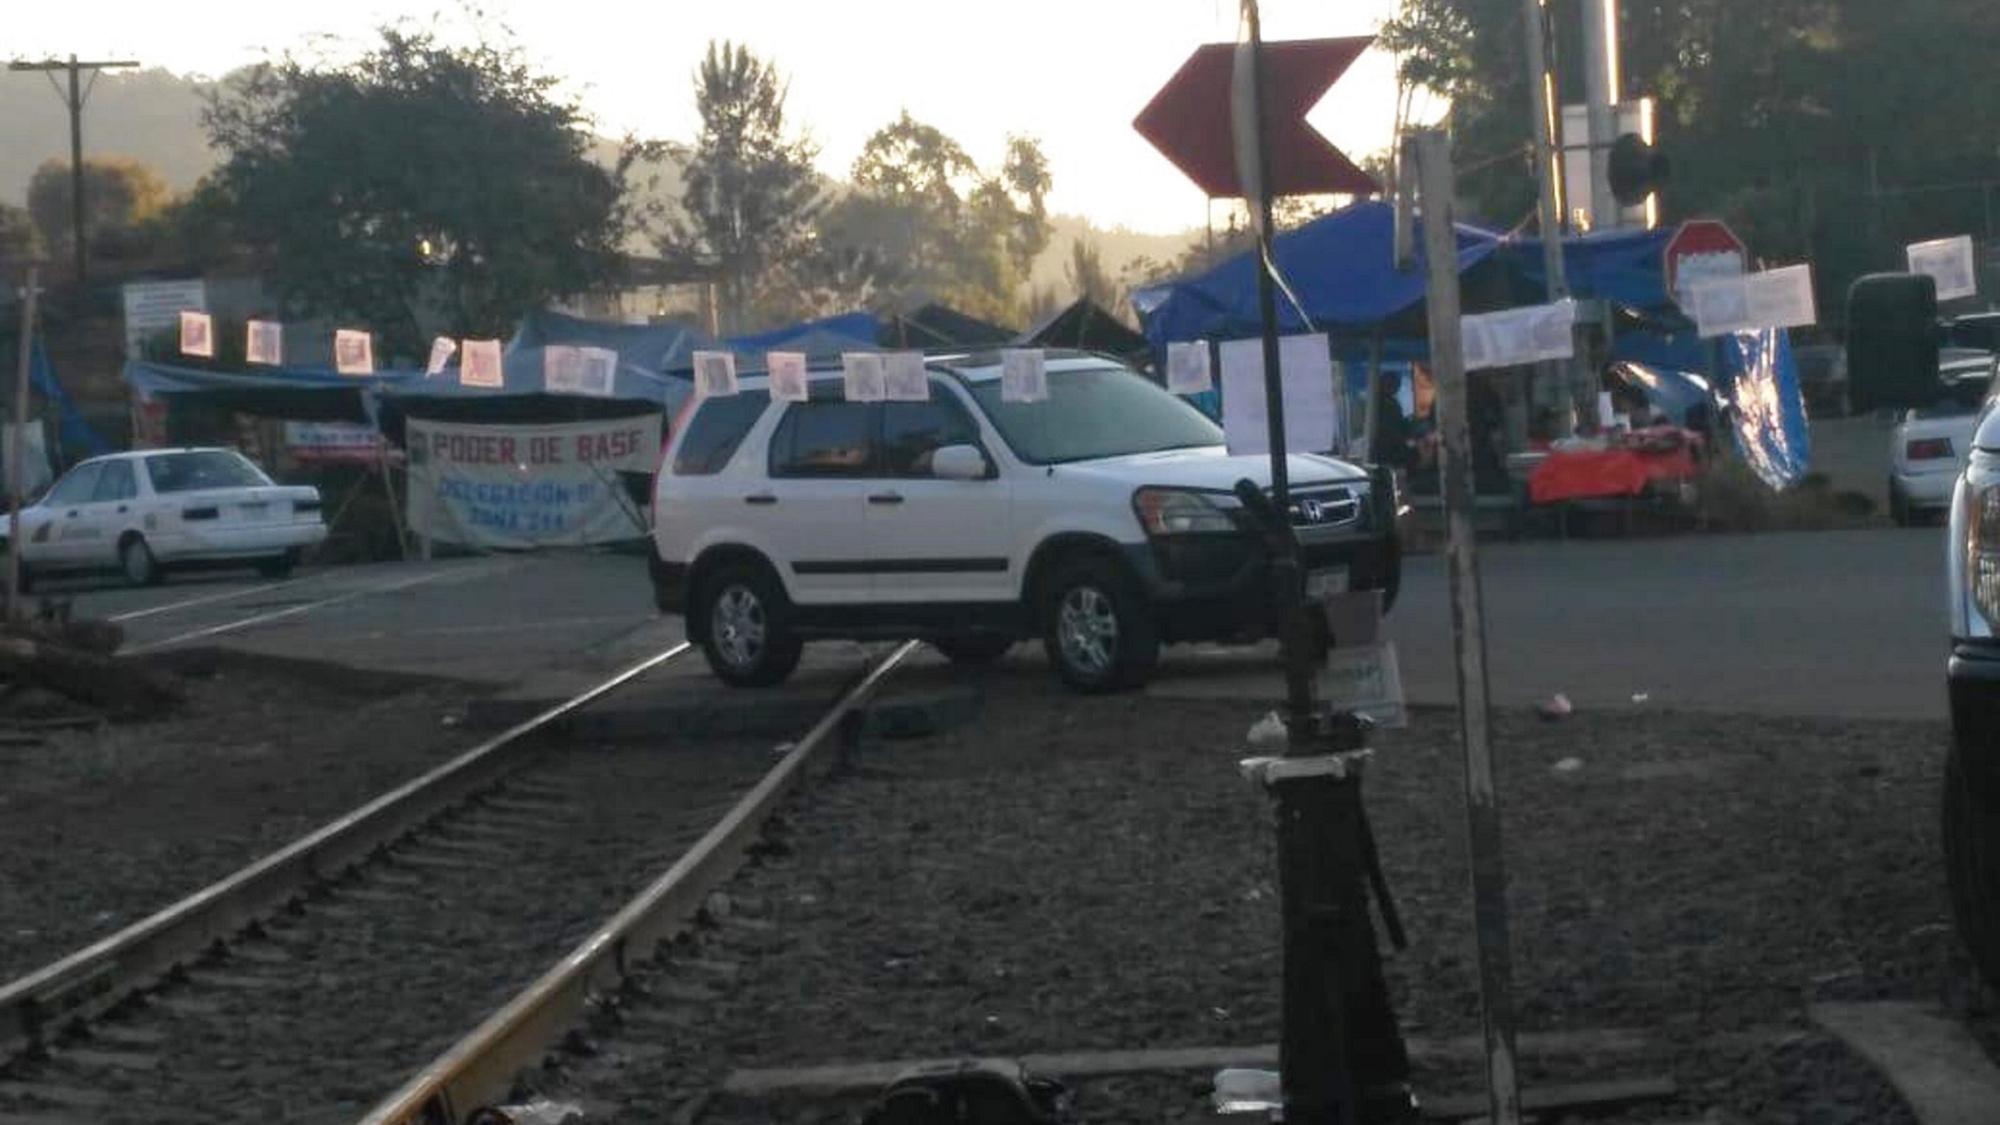 Conflictos en Michoacán y Matamoros cuestan 2,200 mdp al día: CCE